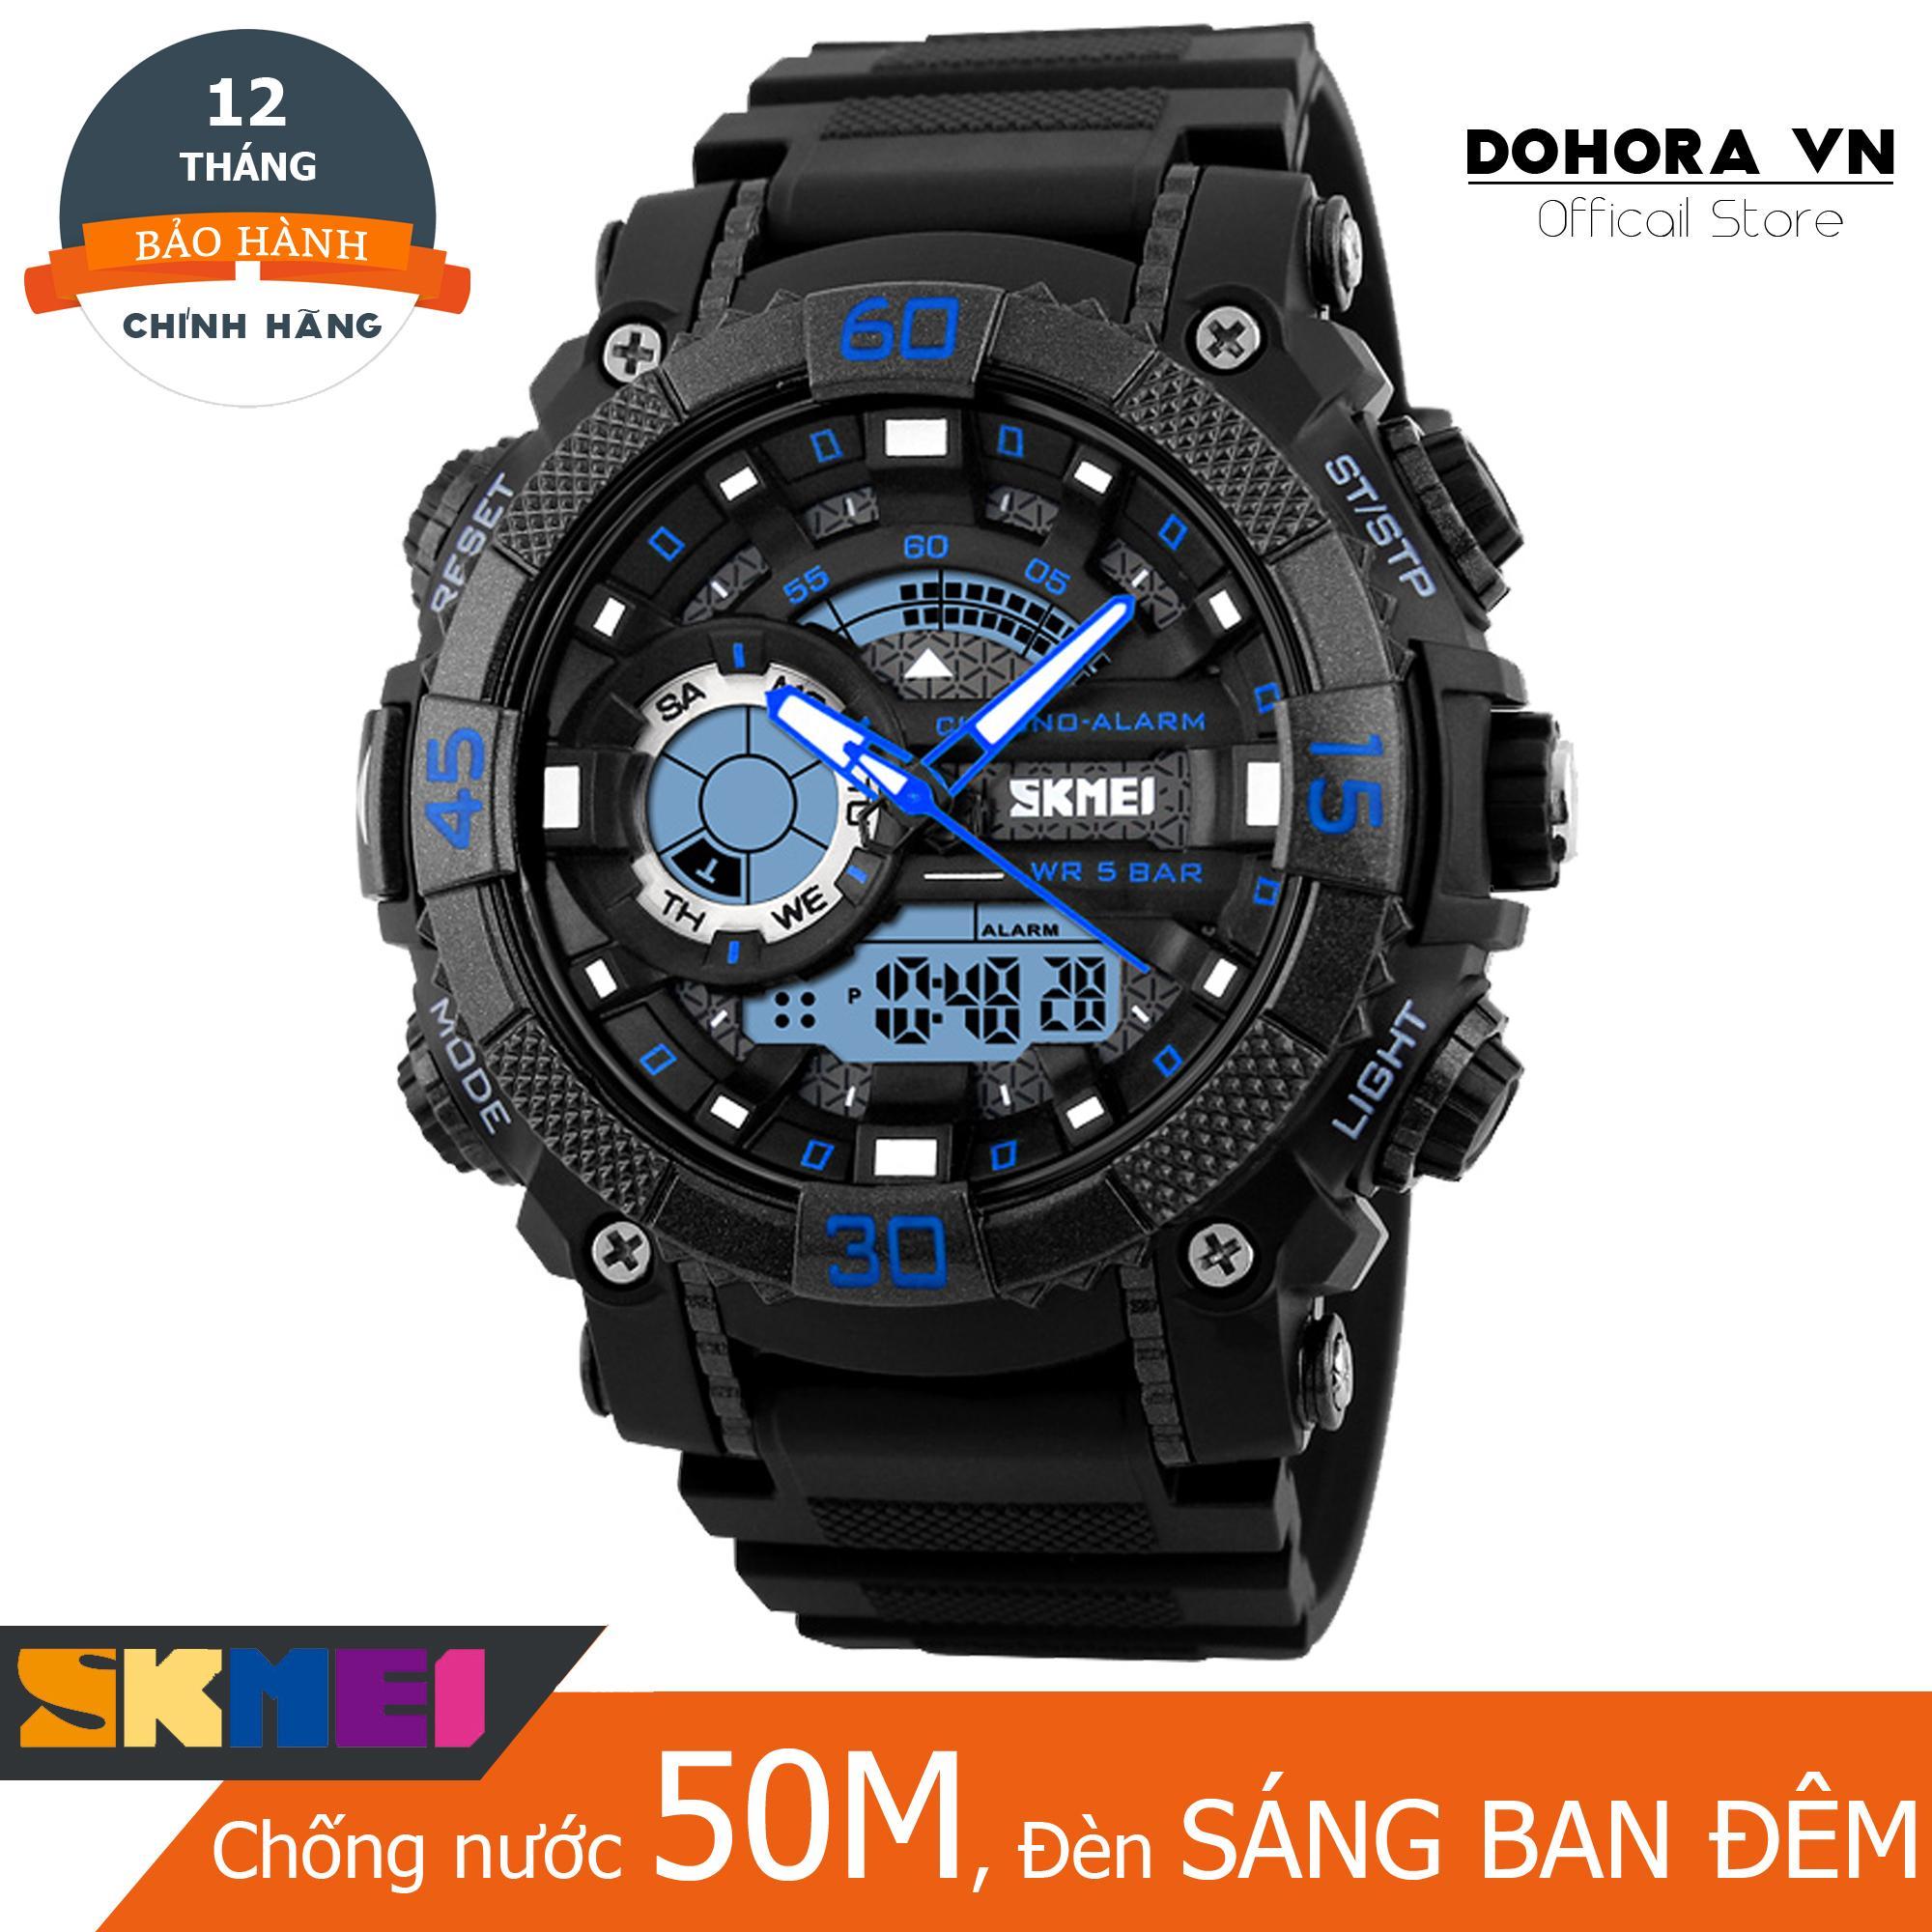 Hình ảnh Đồng hồ thể thao nam Skmei 1228 Stopwatch chống nước 50m dây cao su cao cấp